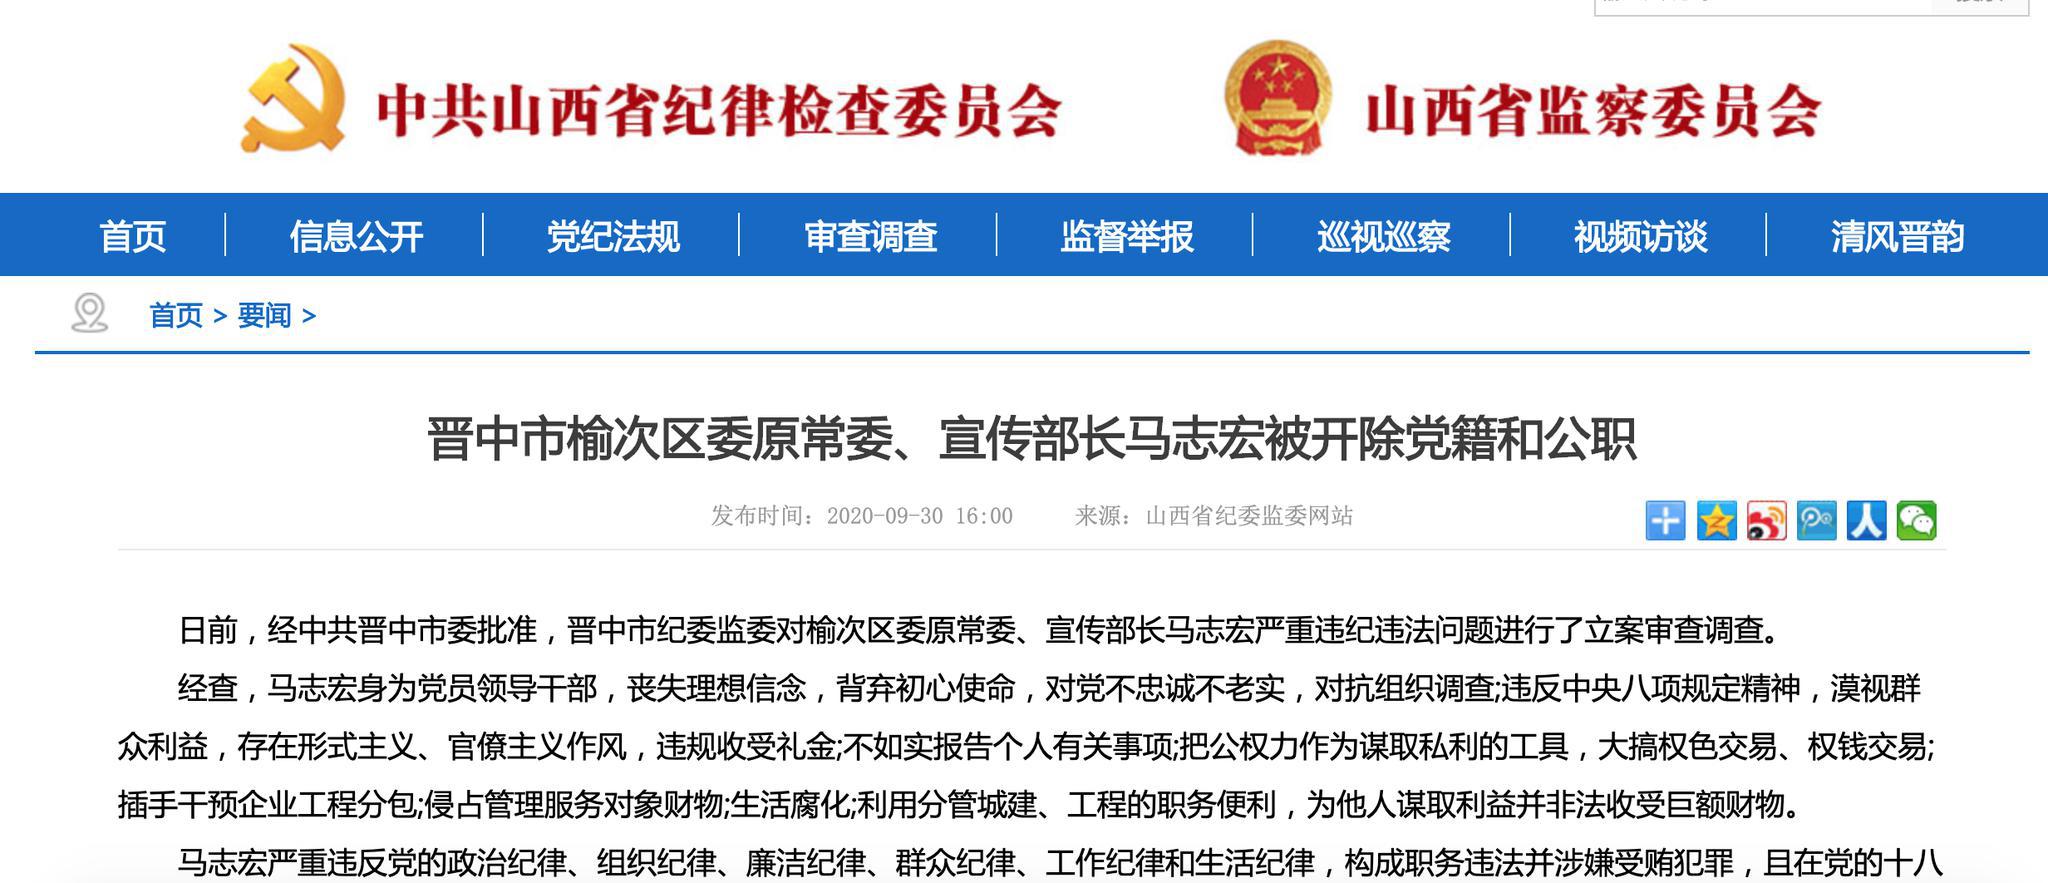 山西省晋中市榆次区委原常委、宣传部长马志宏被双开图片